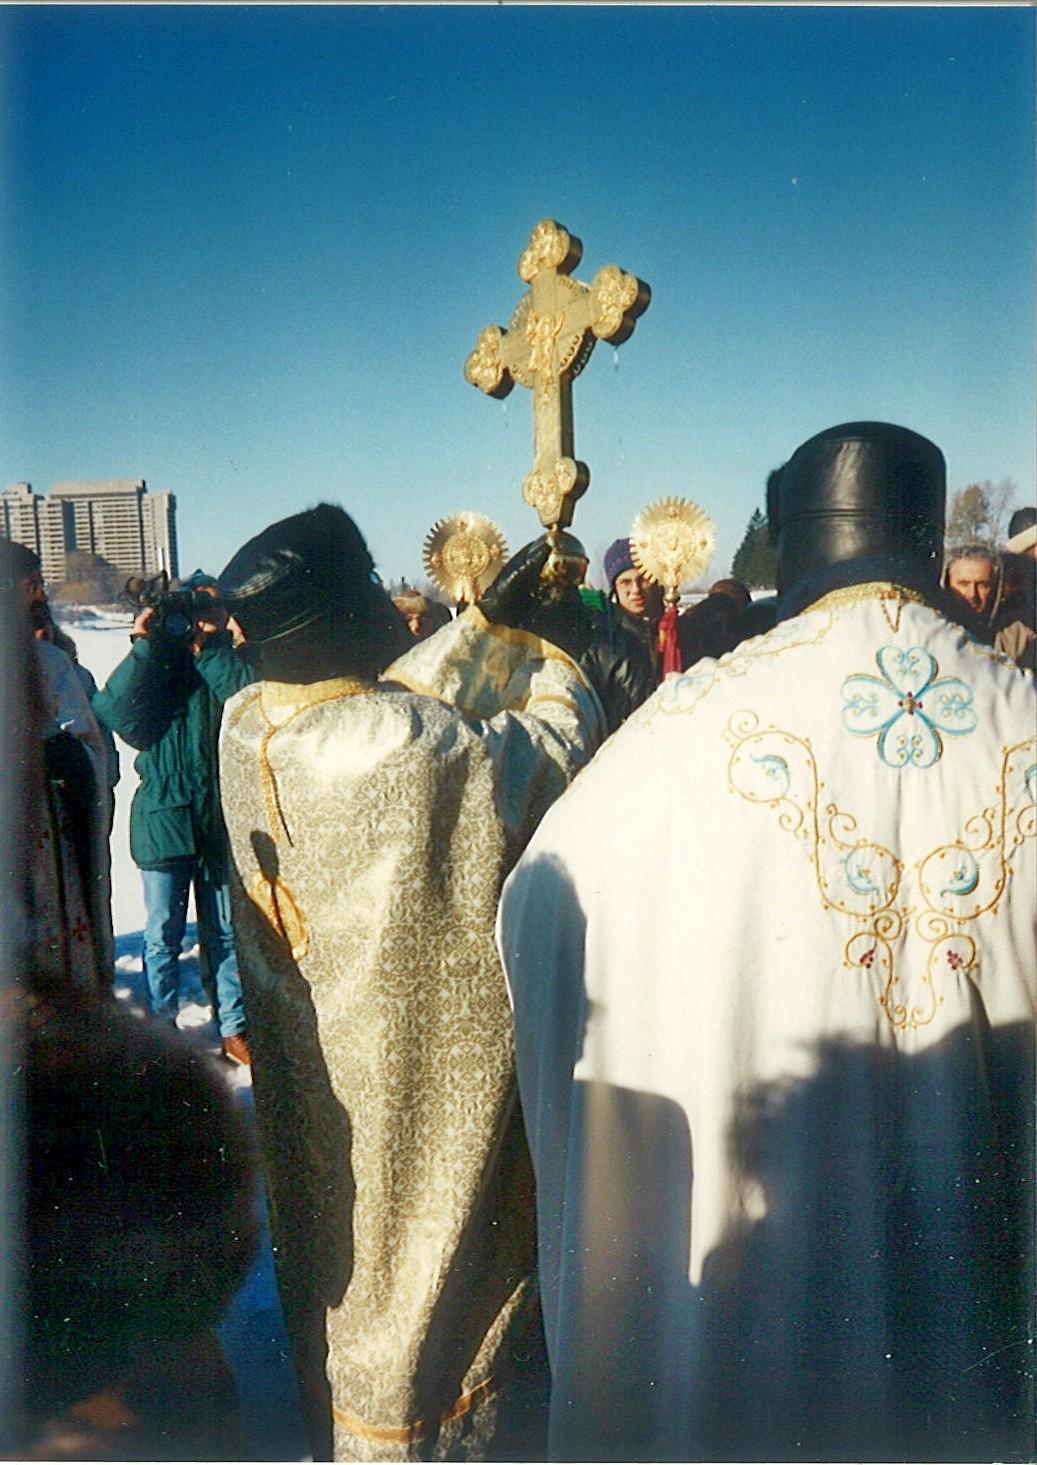 Водосвятие в праздник Крещения на Оттаве-реке, Канада